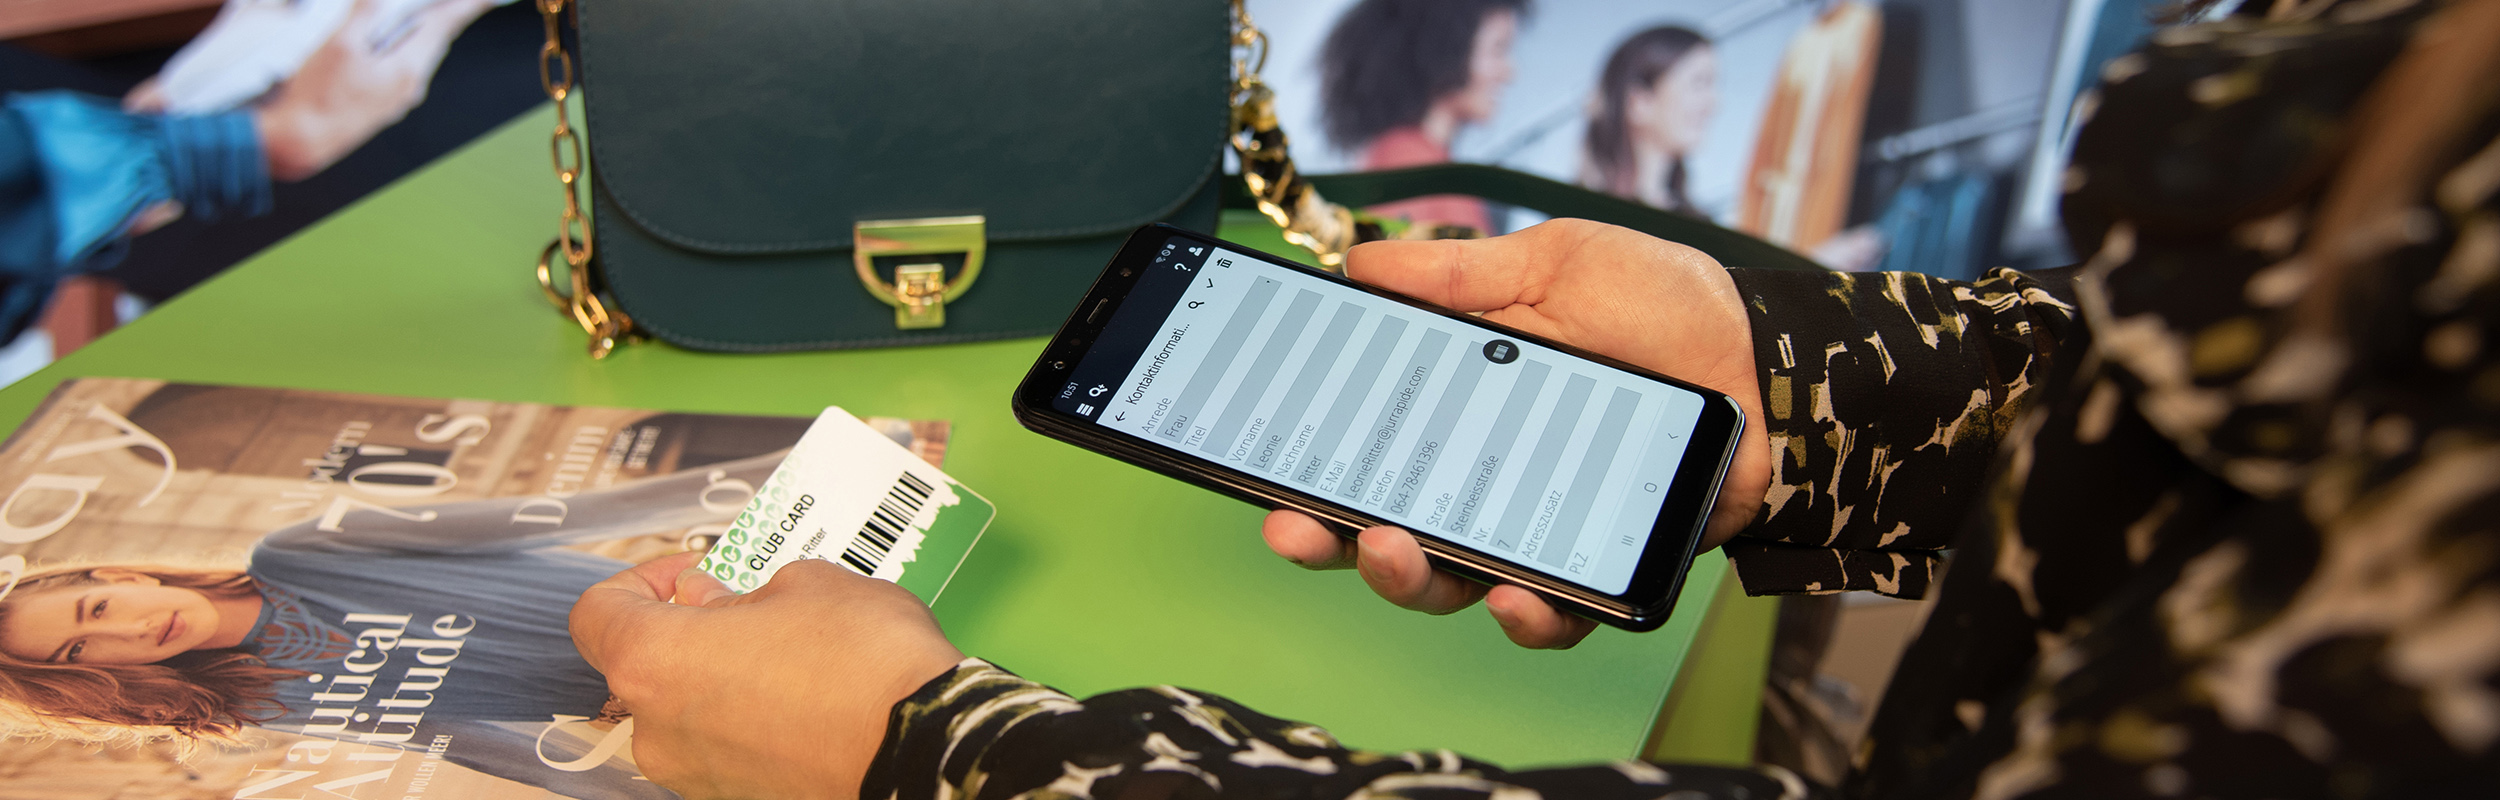 Scannen einer Kundenkarte mit dem InStore Assistant